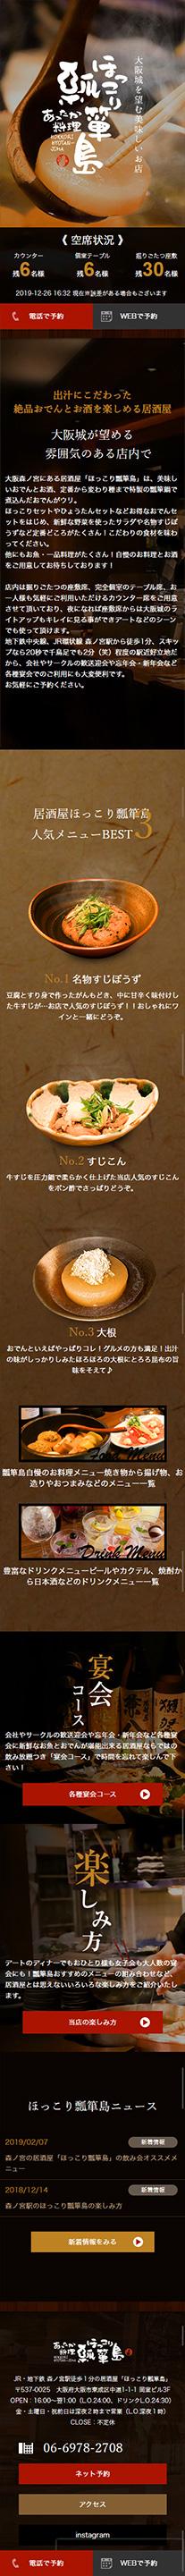 あったか料理 ほっこり瓢箪島スマホTOP画像